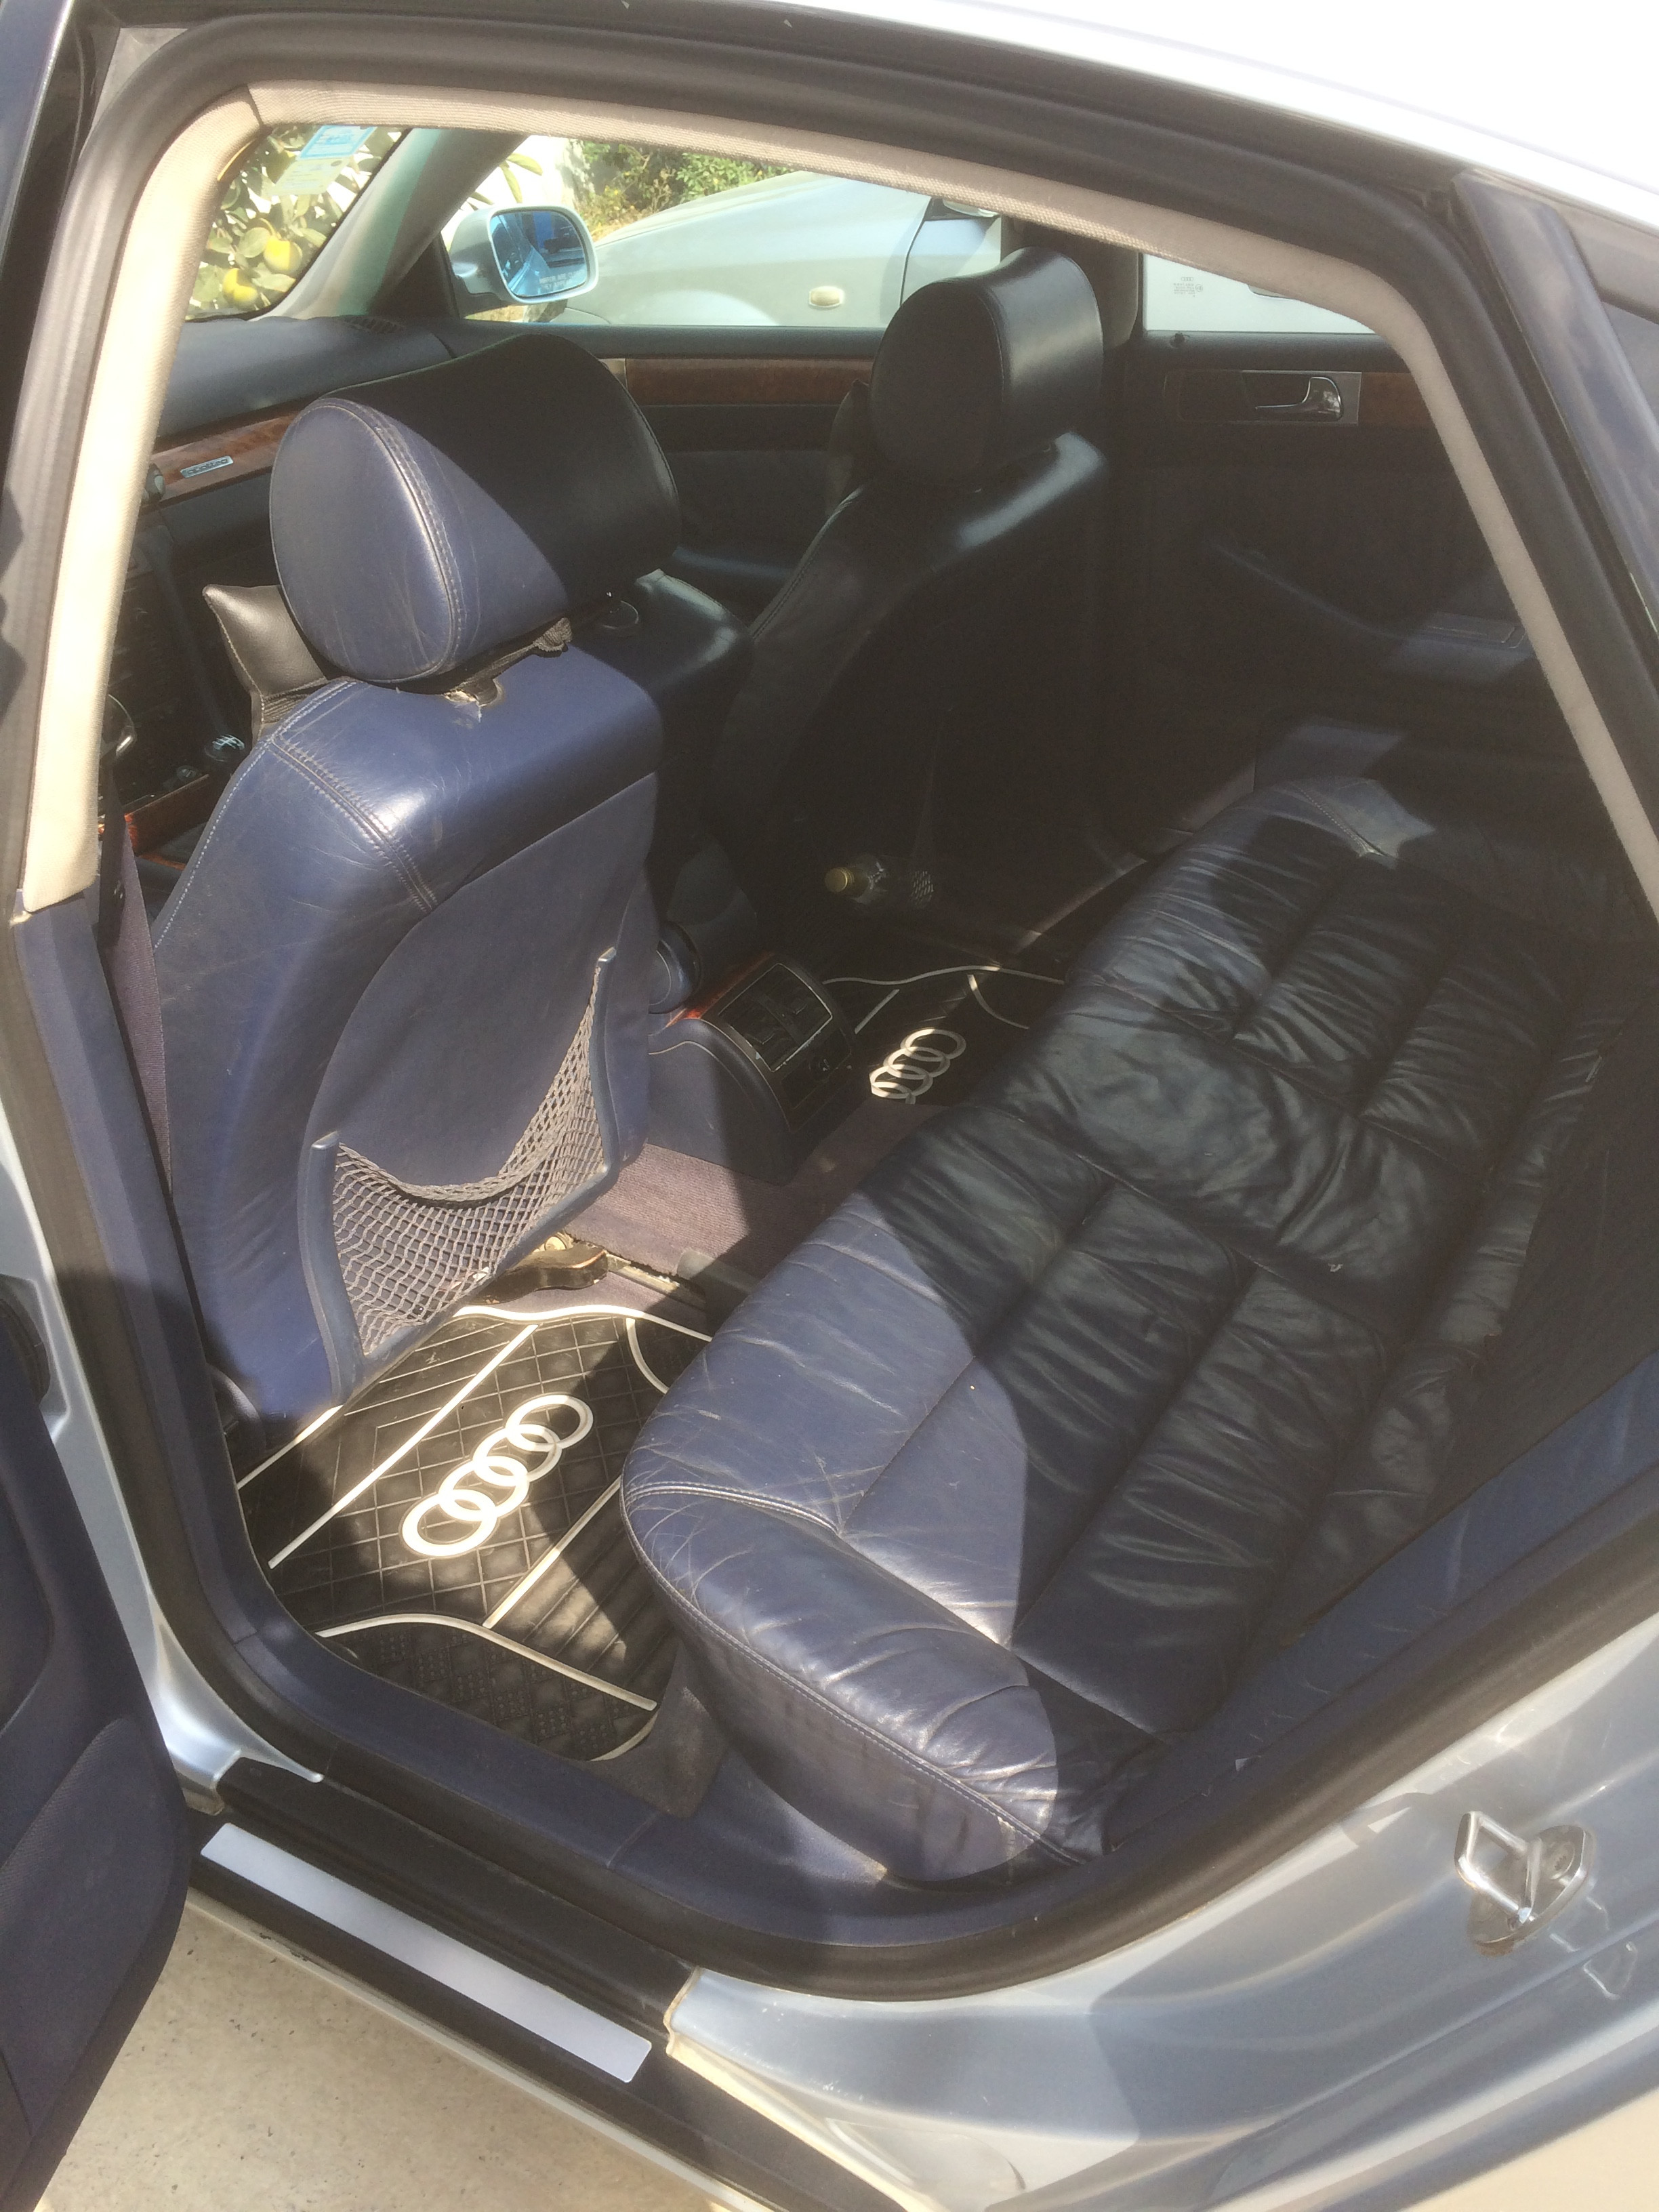 Audi A6 2.4(lt) 1998 Подержанный  $2360